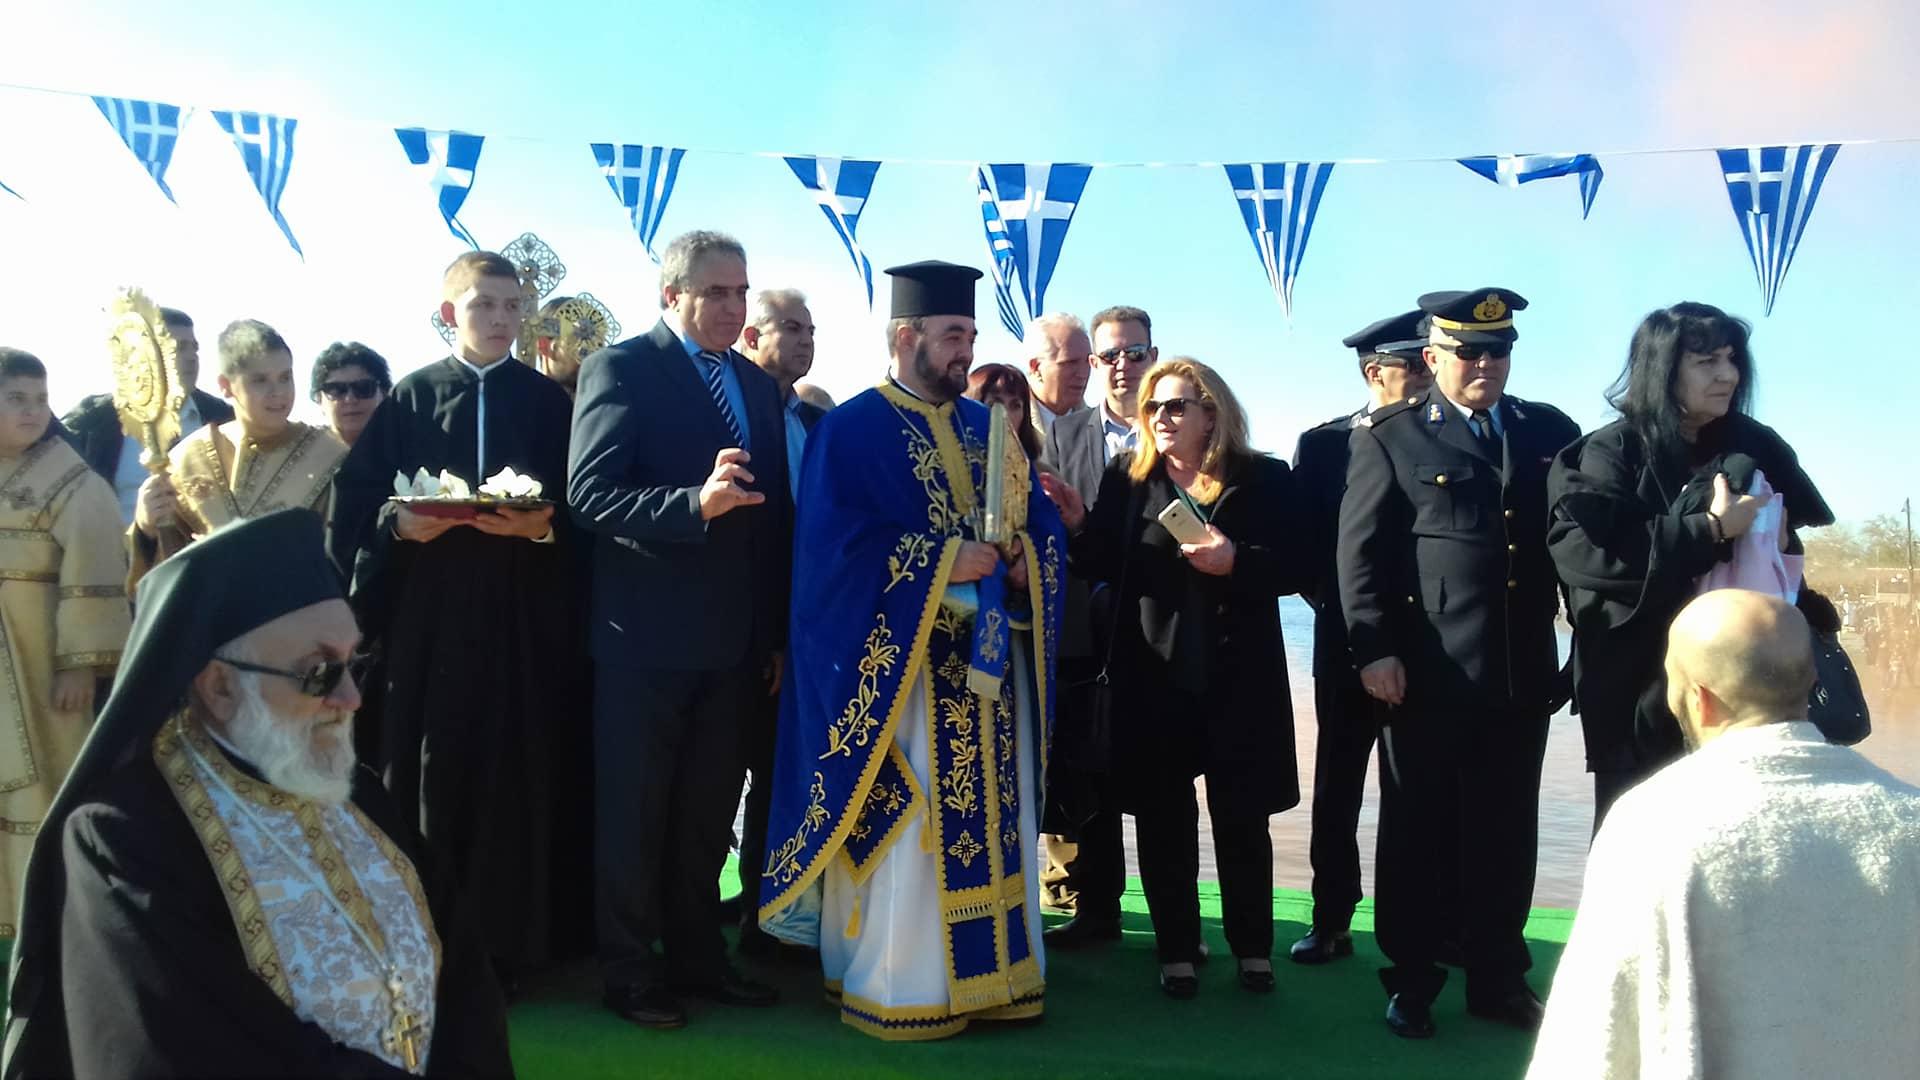 Πολιτικά: Ο Κώστας Καρατζάς έπιασε τον Τίμιο Σταυρό στα φετινά Θεοφάνεια  (φωτογραφίες-video) 26653352 2048584931819152 1375531328 o